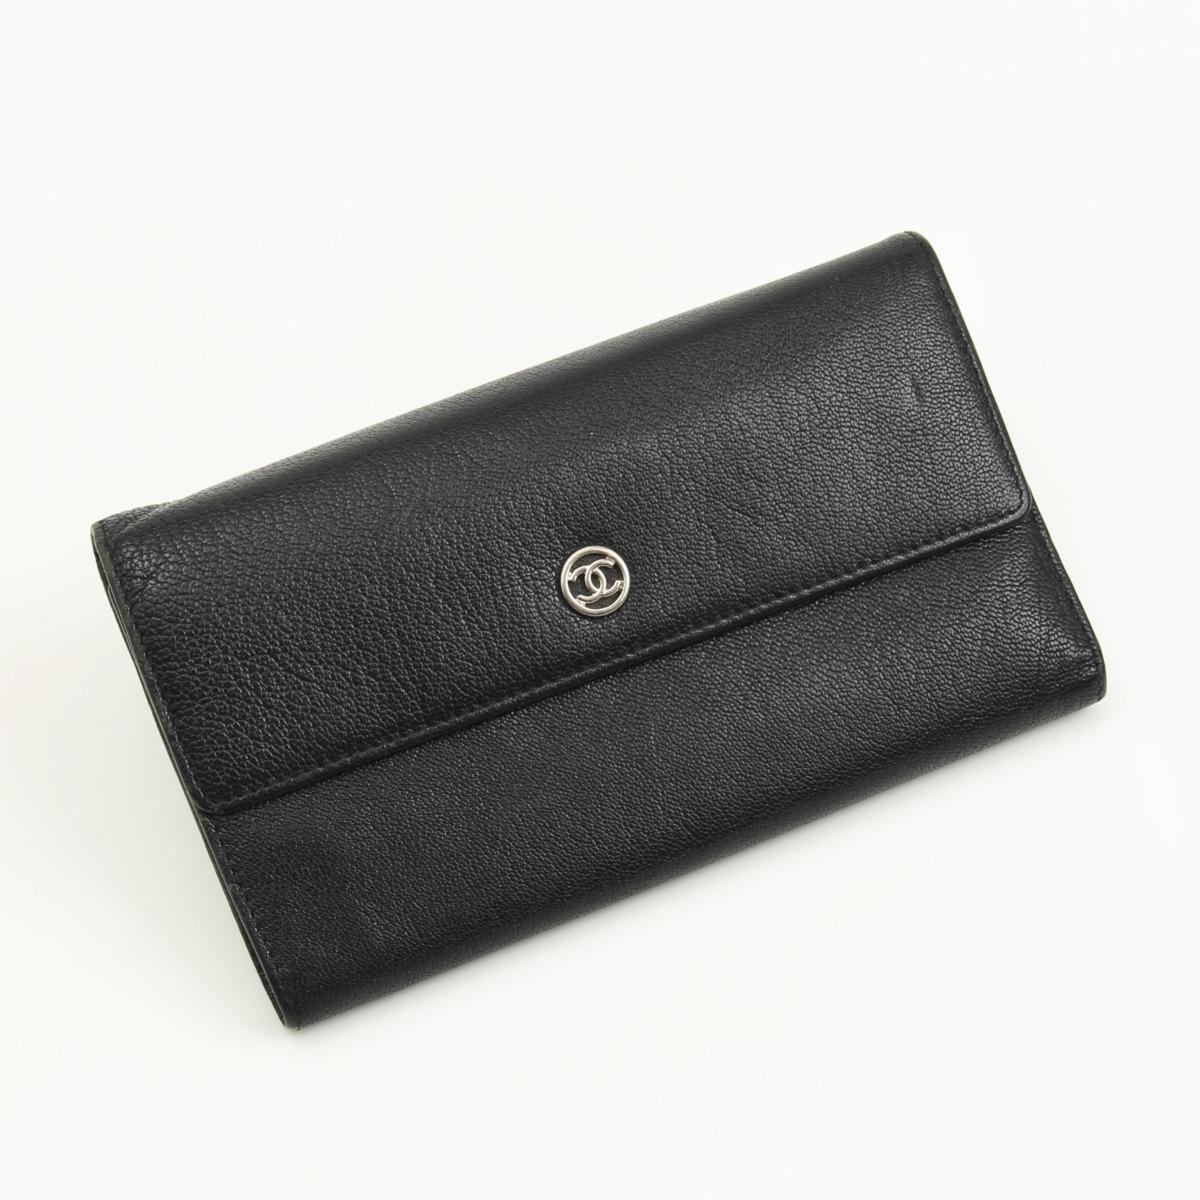 【シャネル】Chanel ココボタン 三つ折り 長財布 ブラック 【中古】【鑑定済・正規品保証】【送料無料】16513